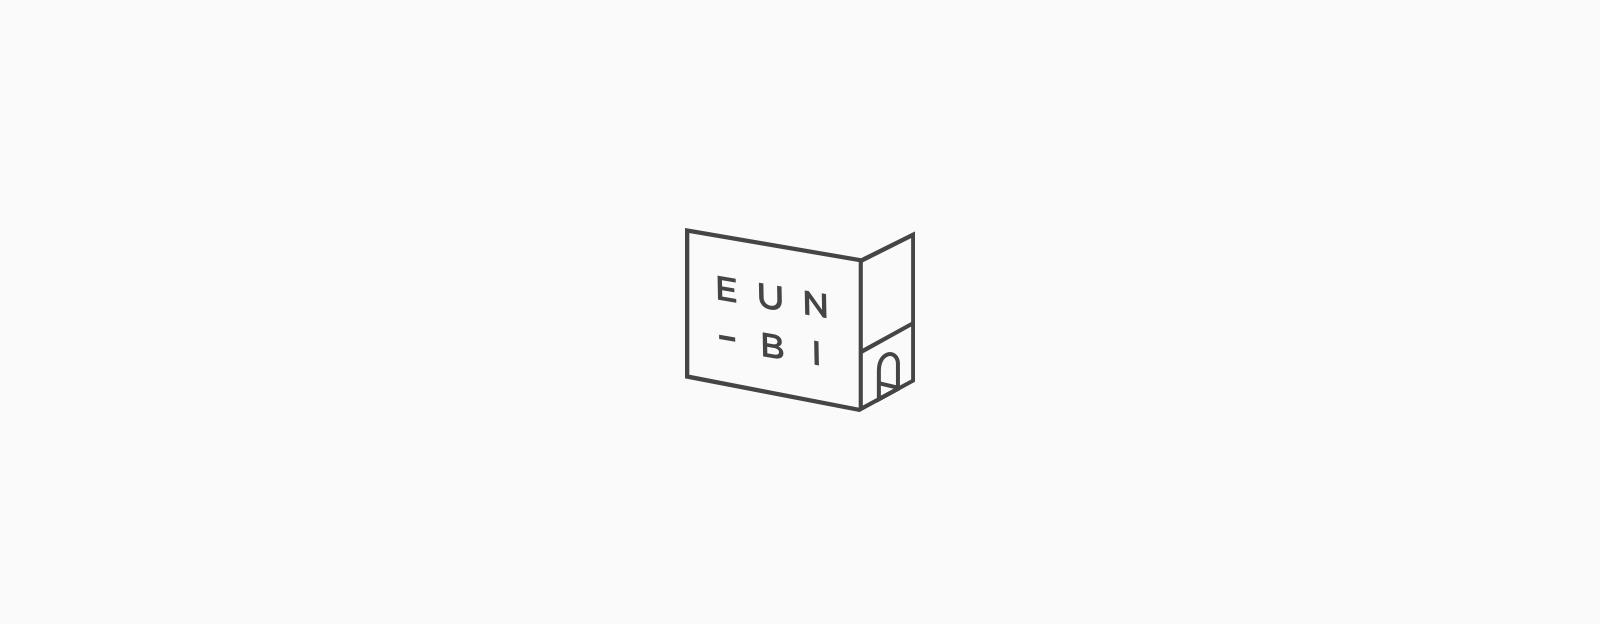 eunbi_julieeckertdesign